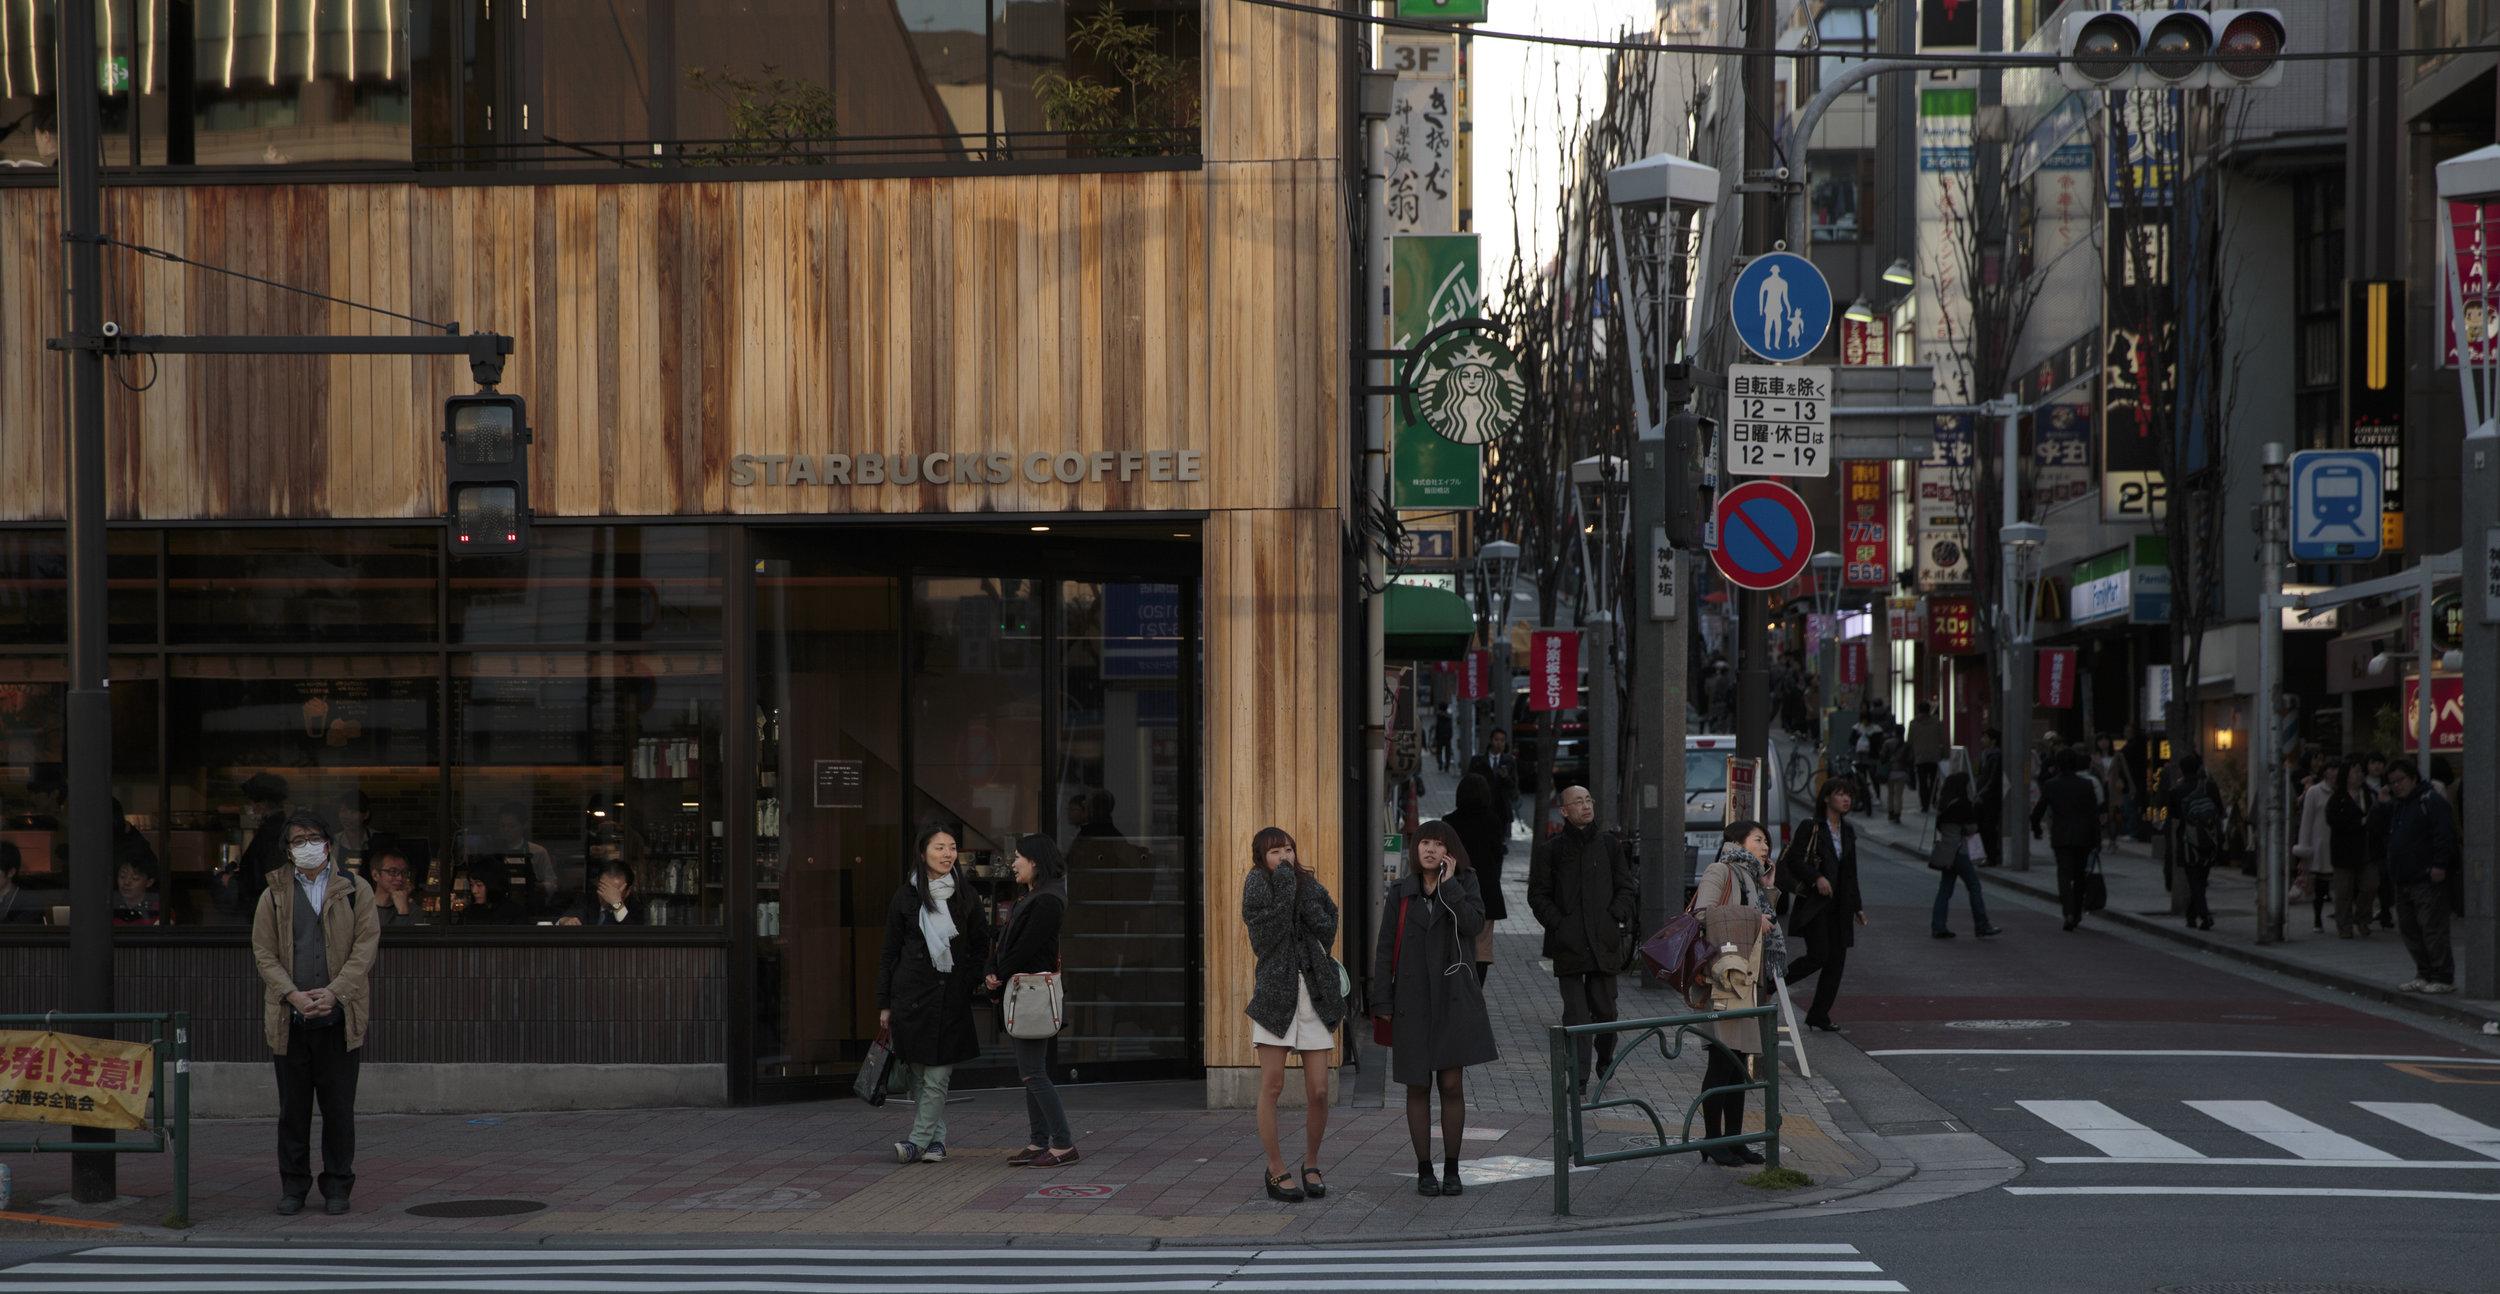 starbucks-japan.jpg